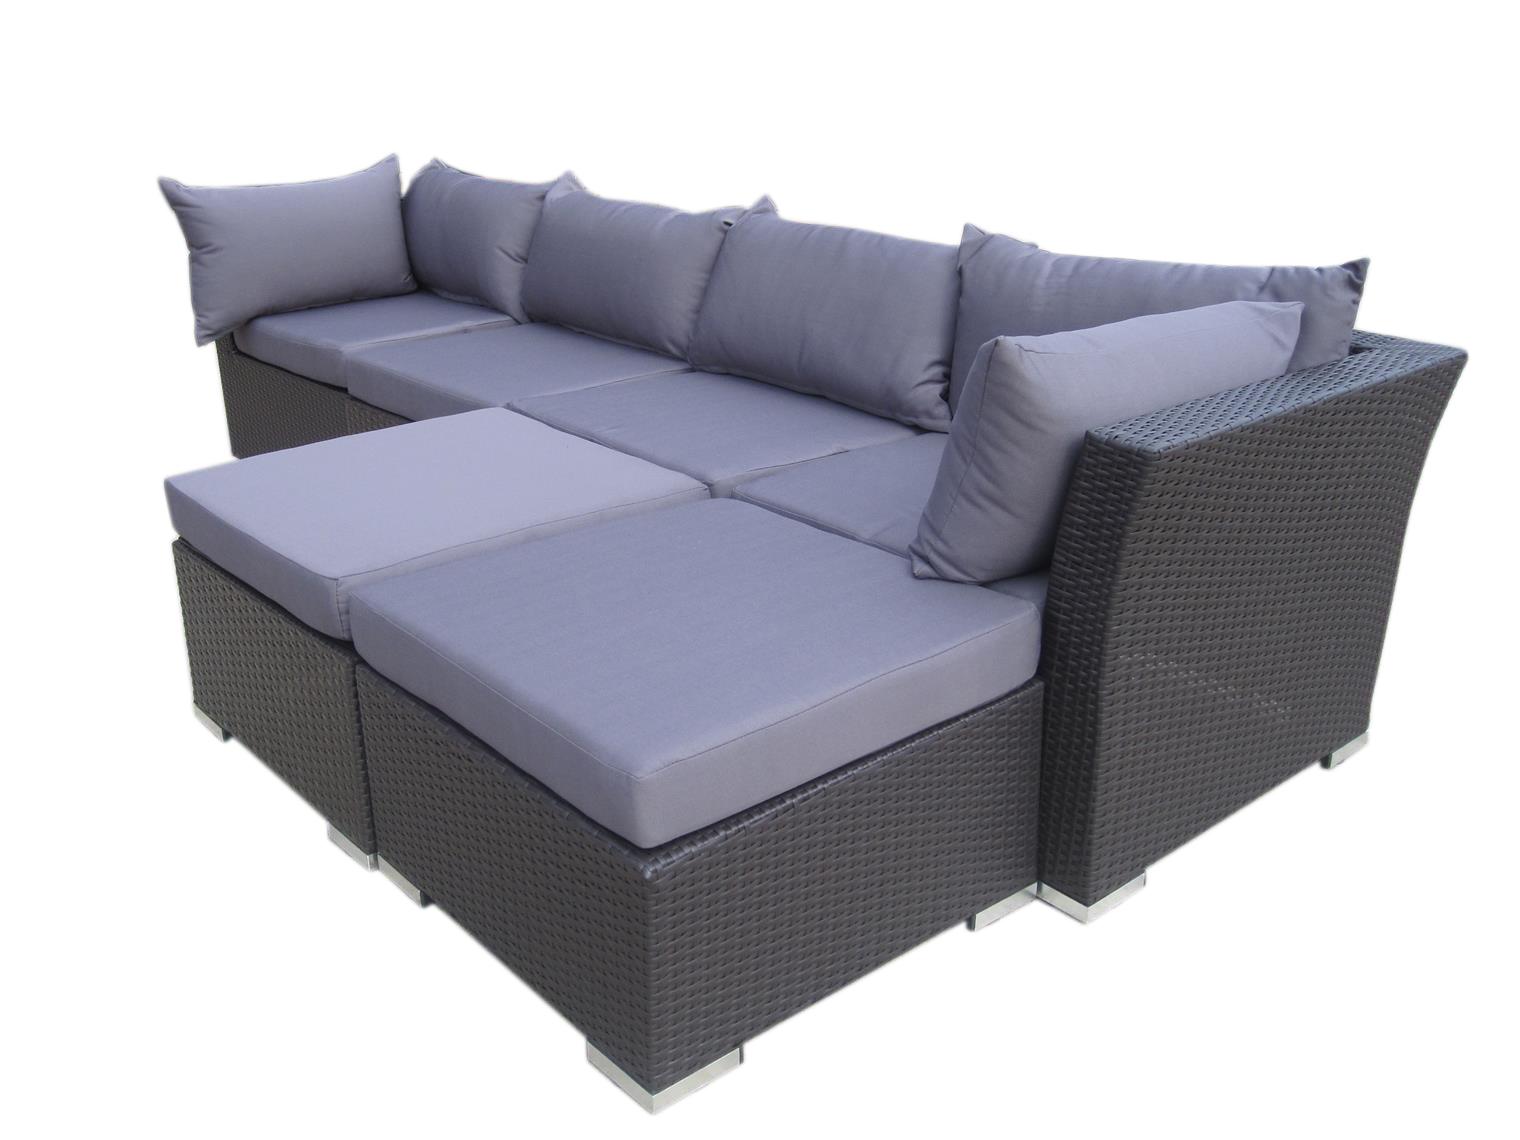 Large Modular Sofa Setting In Perth Wa